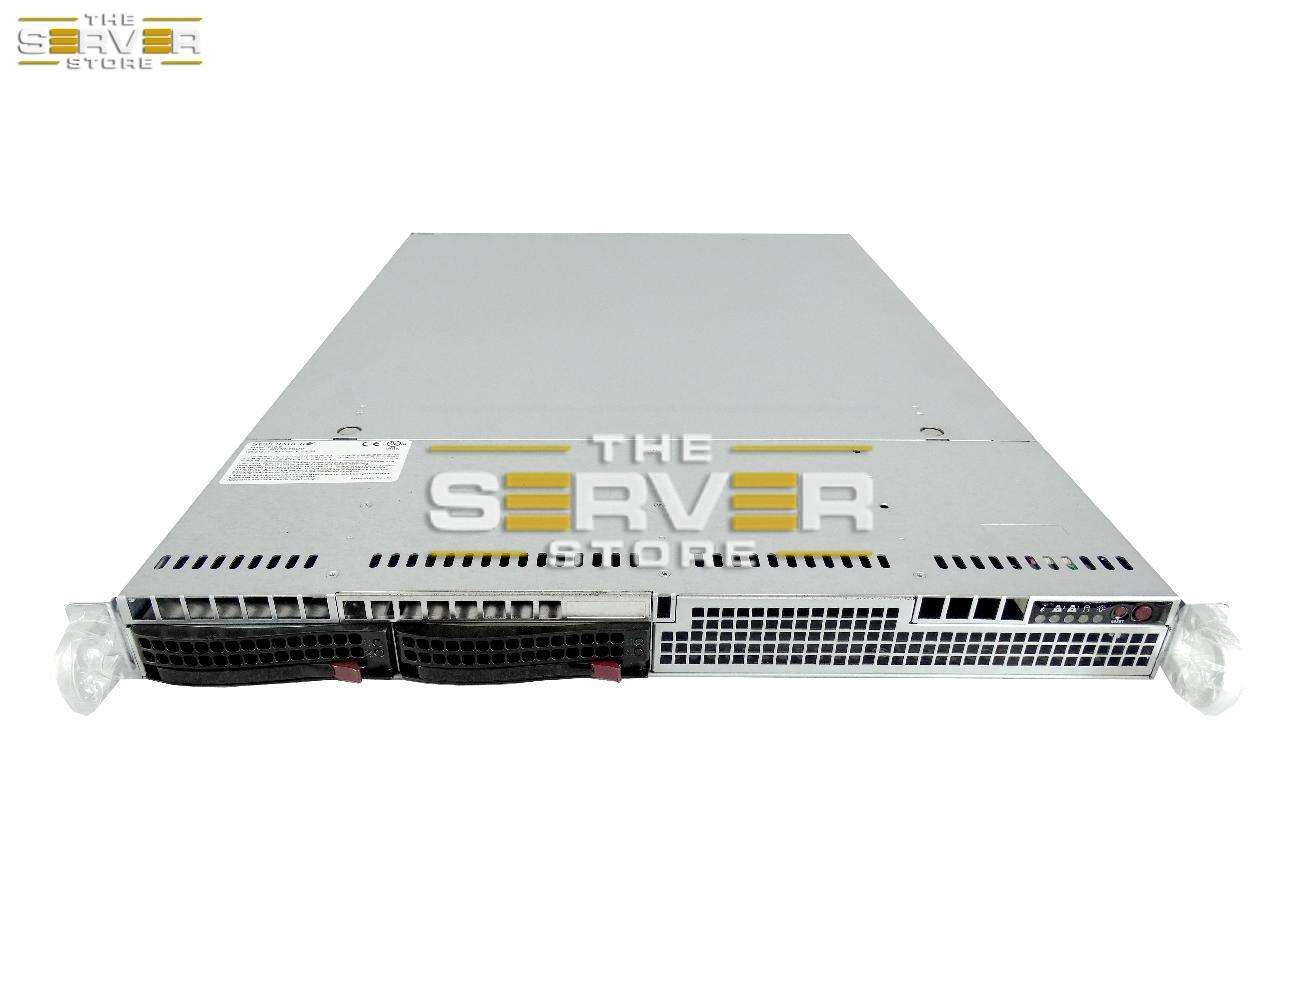 SuperMicro 6017R-TDLRF 2x LFF 1U Server Sale!